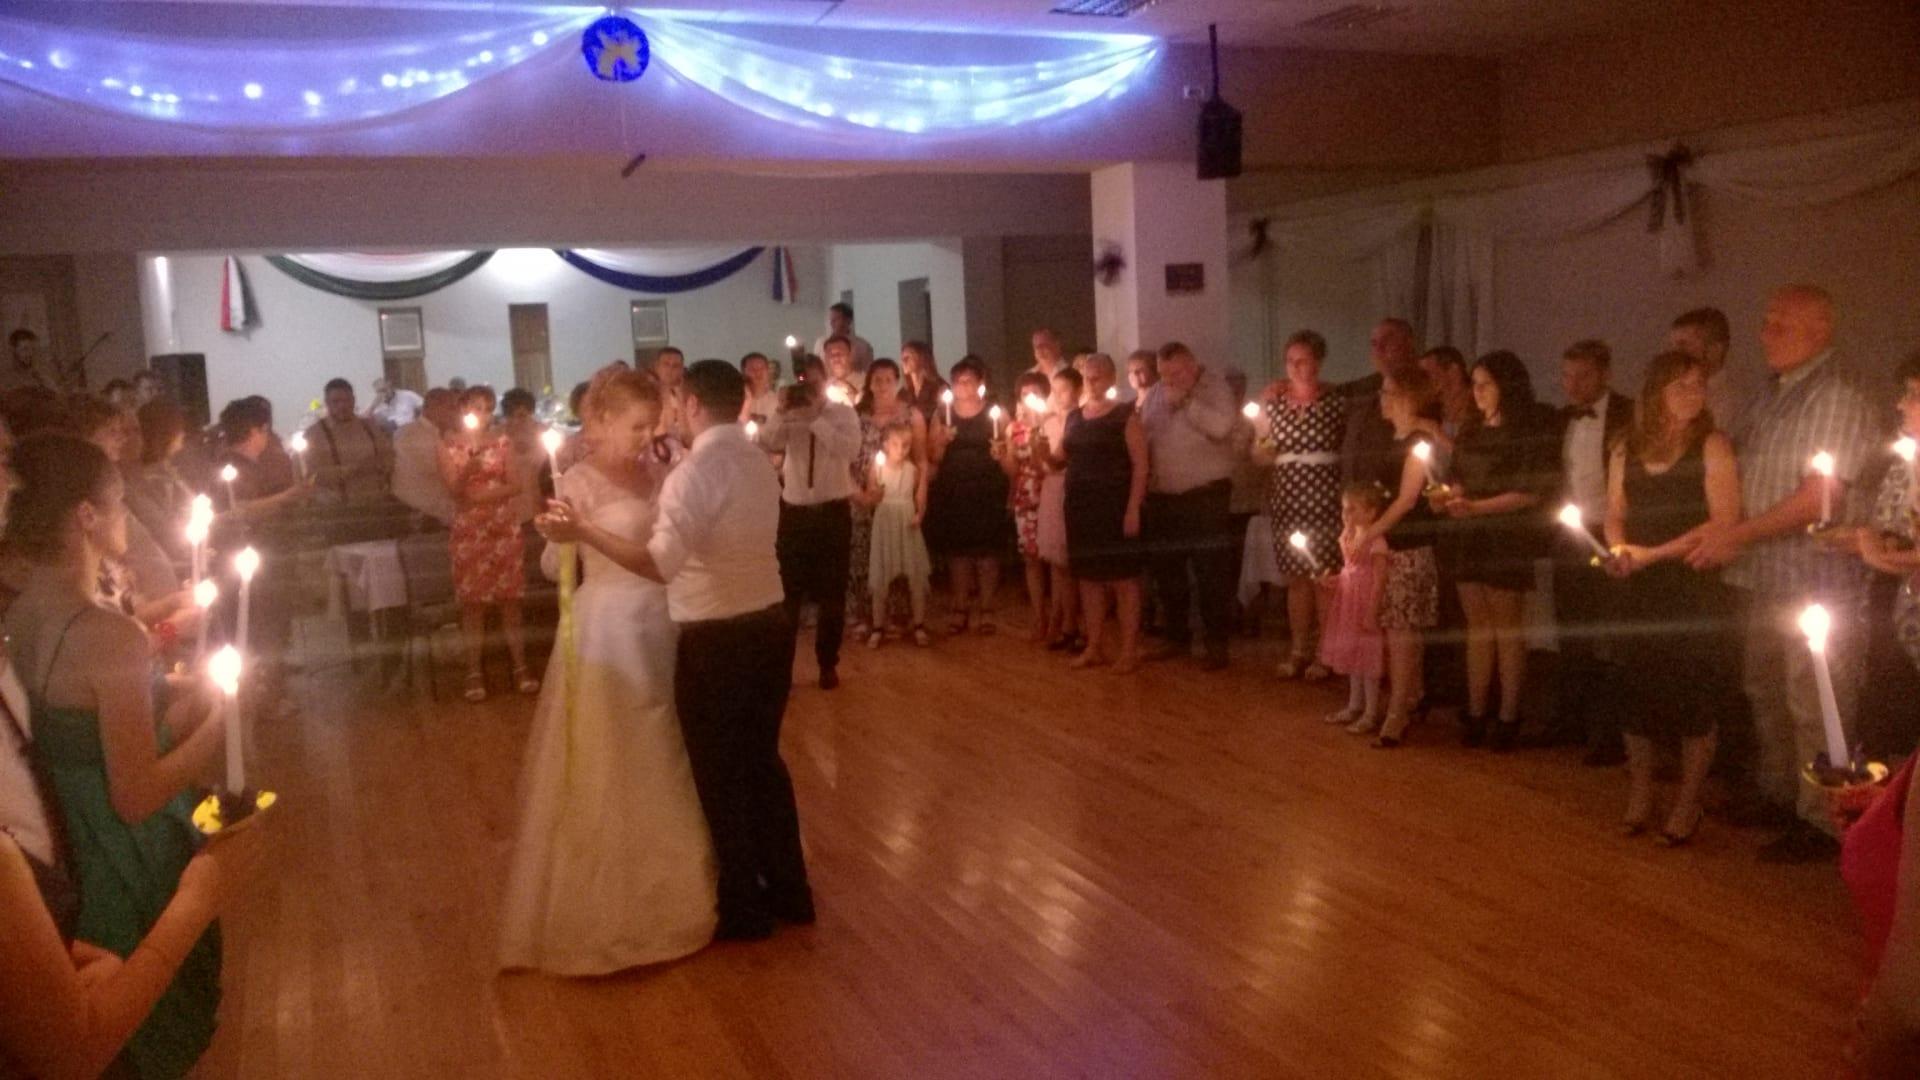 Ein ungarischer Hochzeitsbrauch: Tanzen des Brautpaares unter Kernzenlicht (Foto: Tonči Petrić)